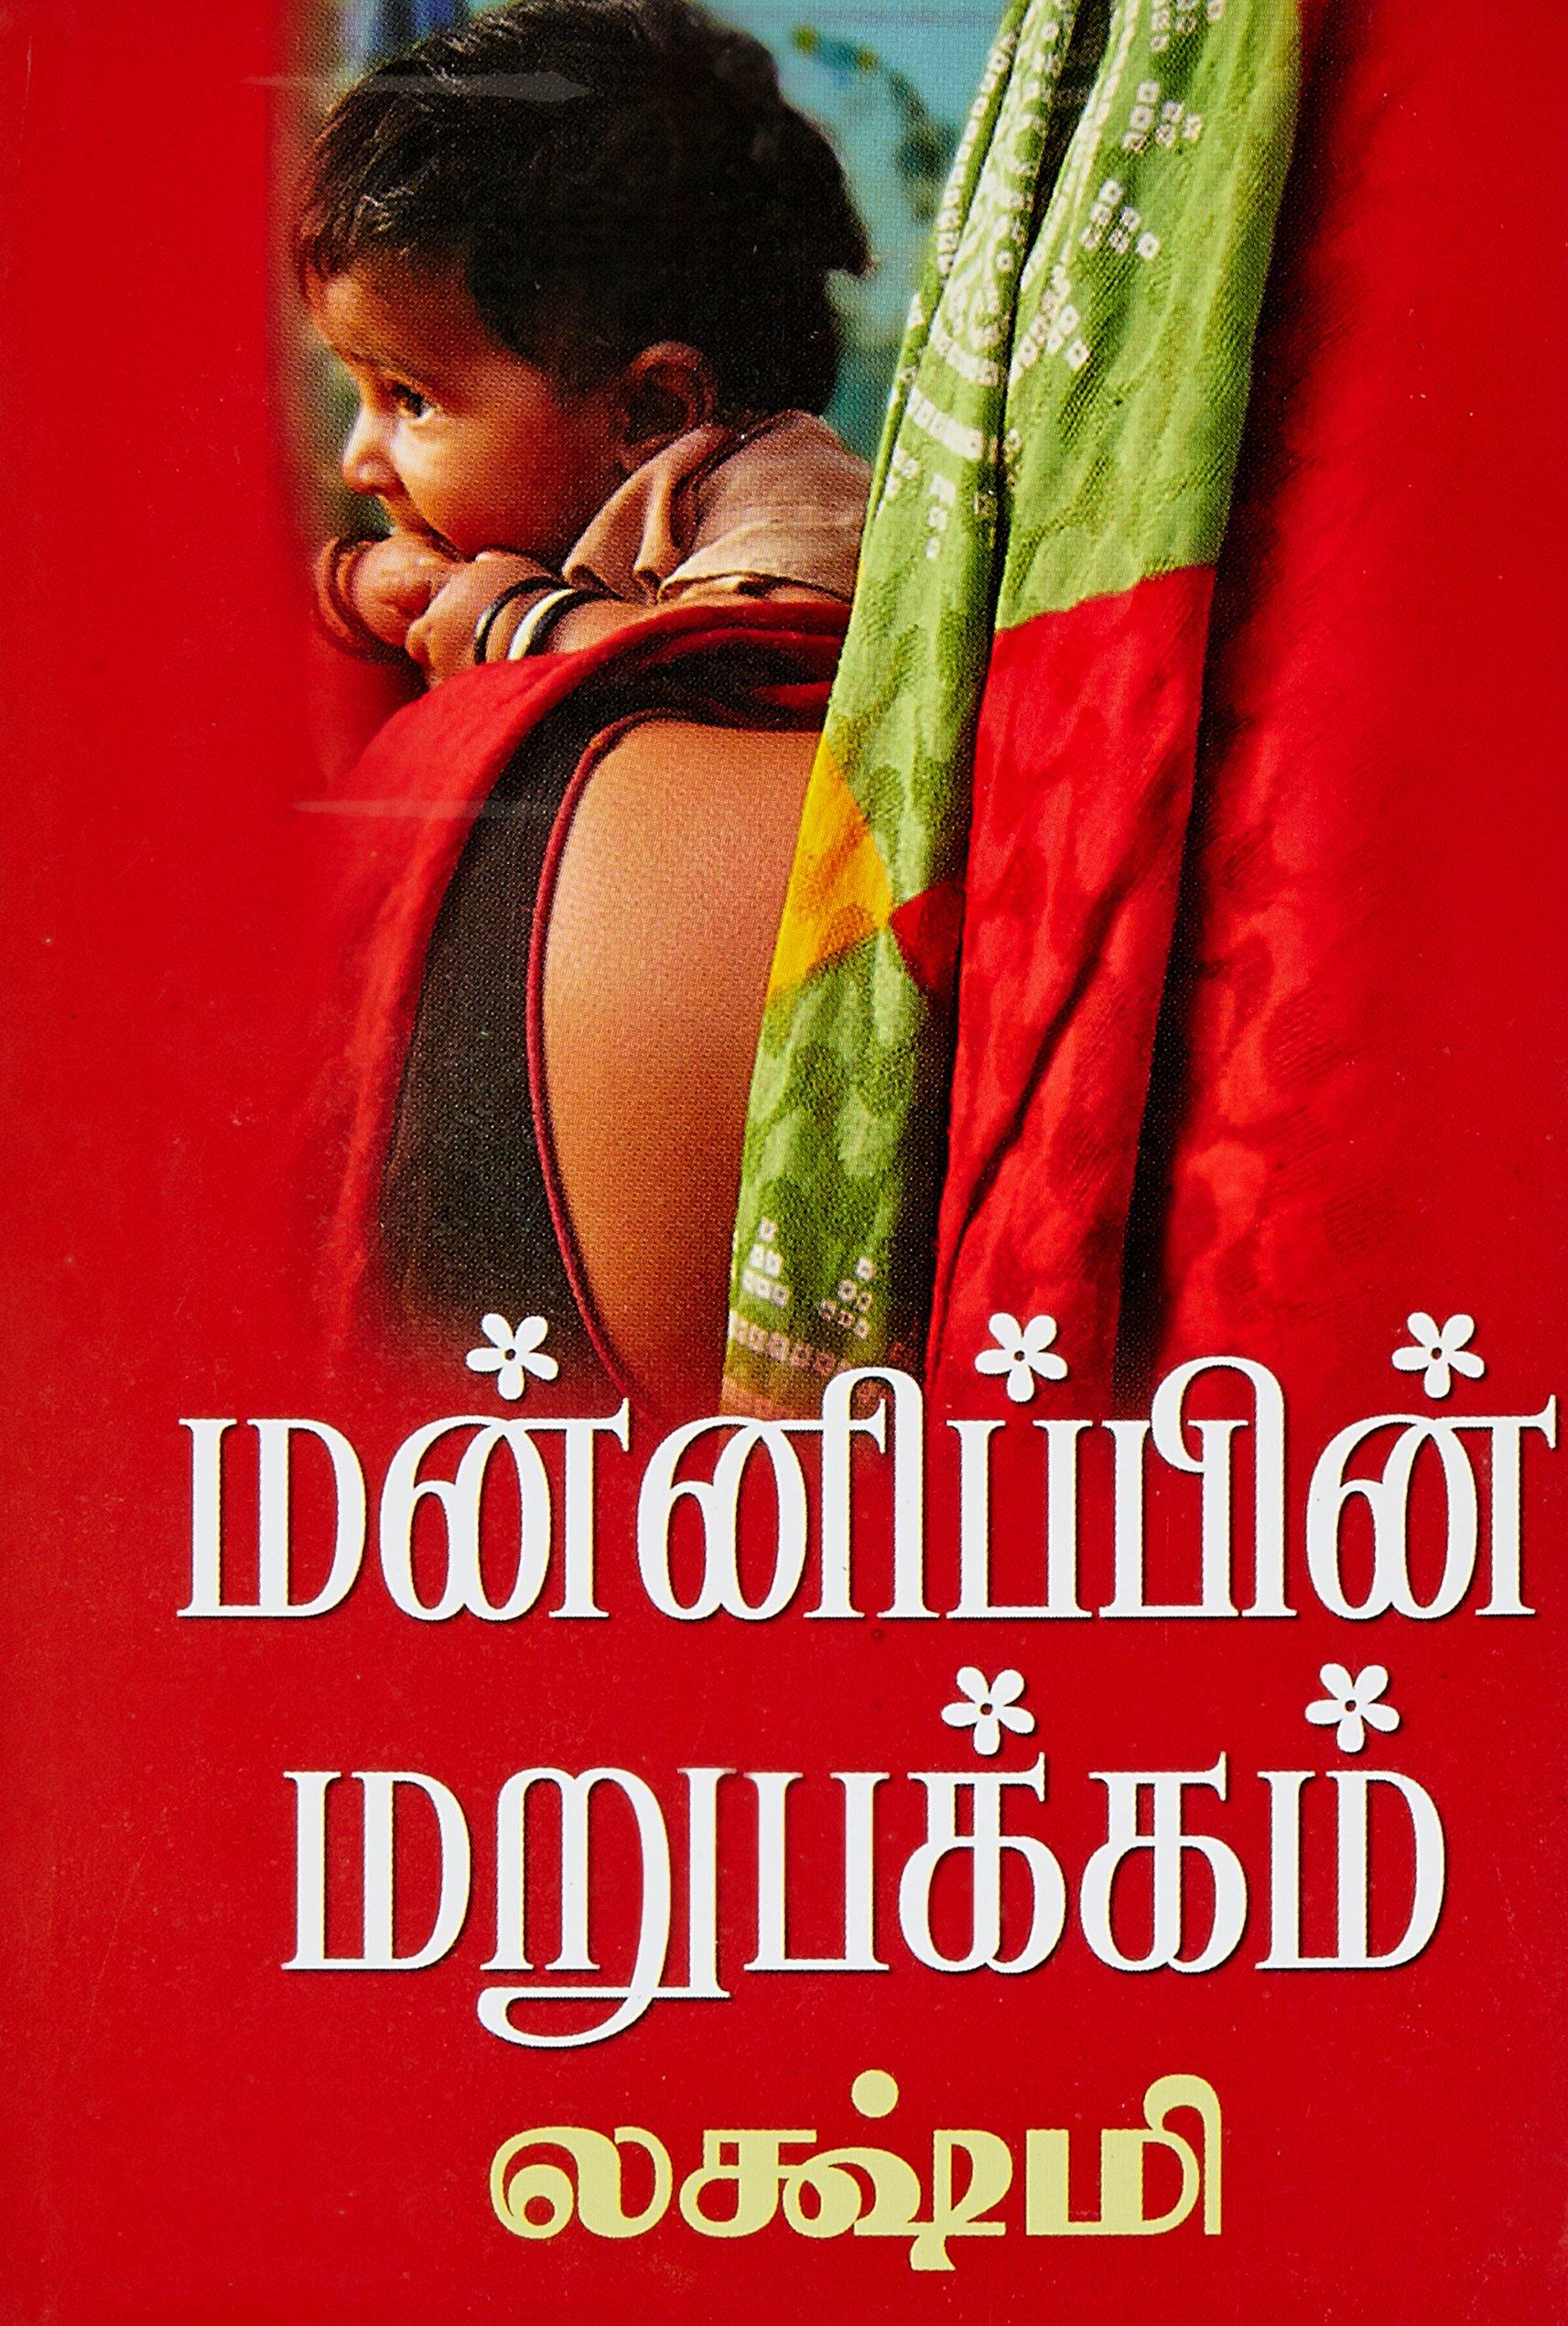 மன்னிப்பின் மறுபக்கம் - Mannippin Marupakkam